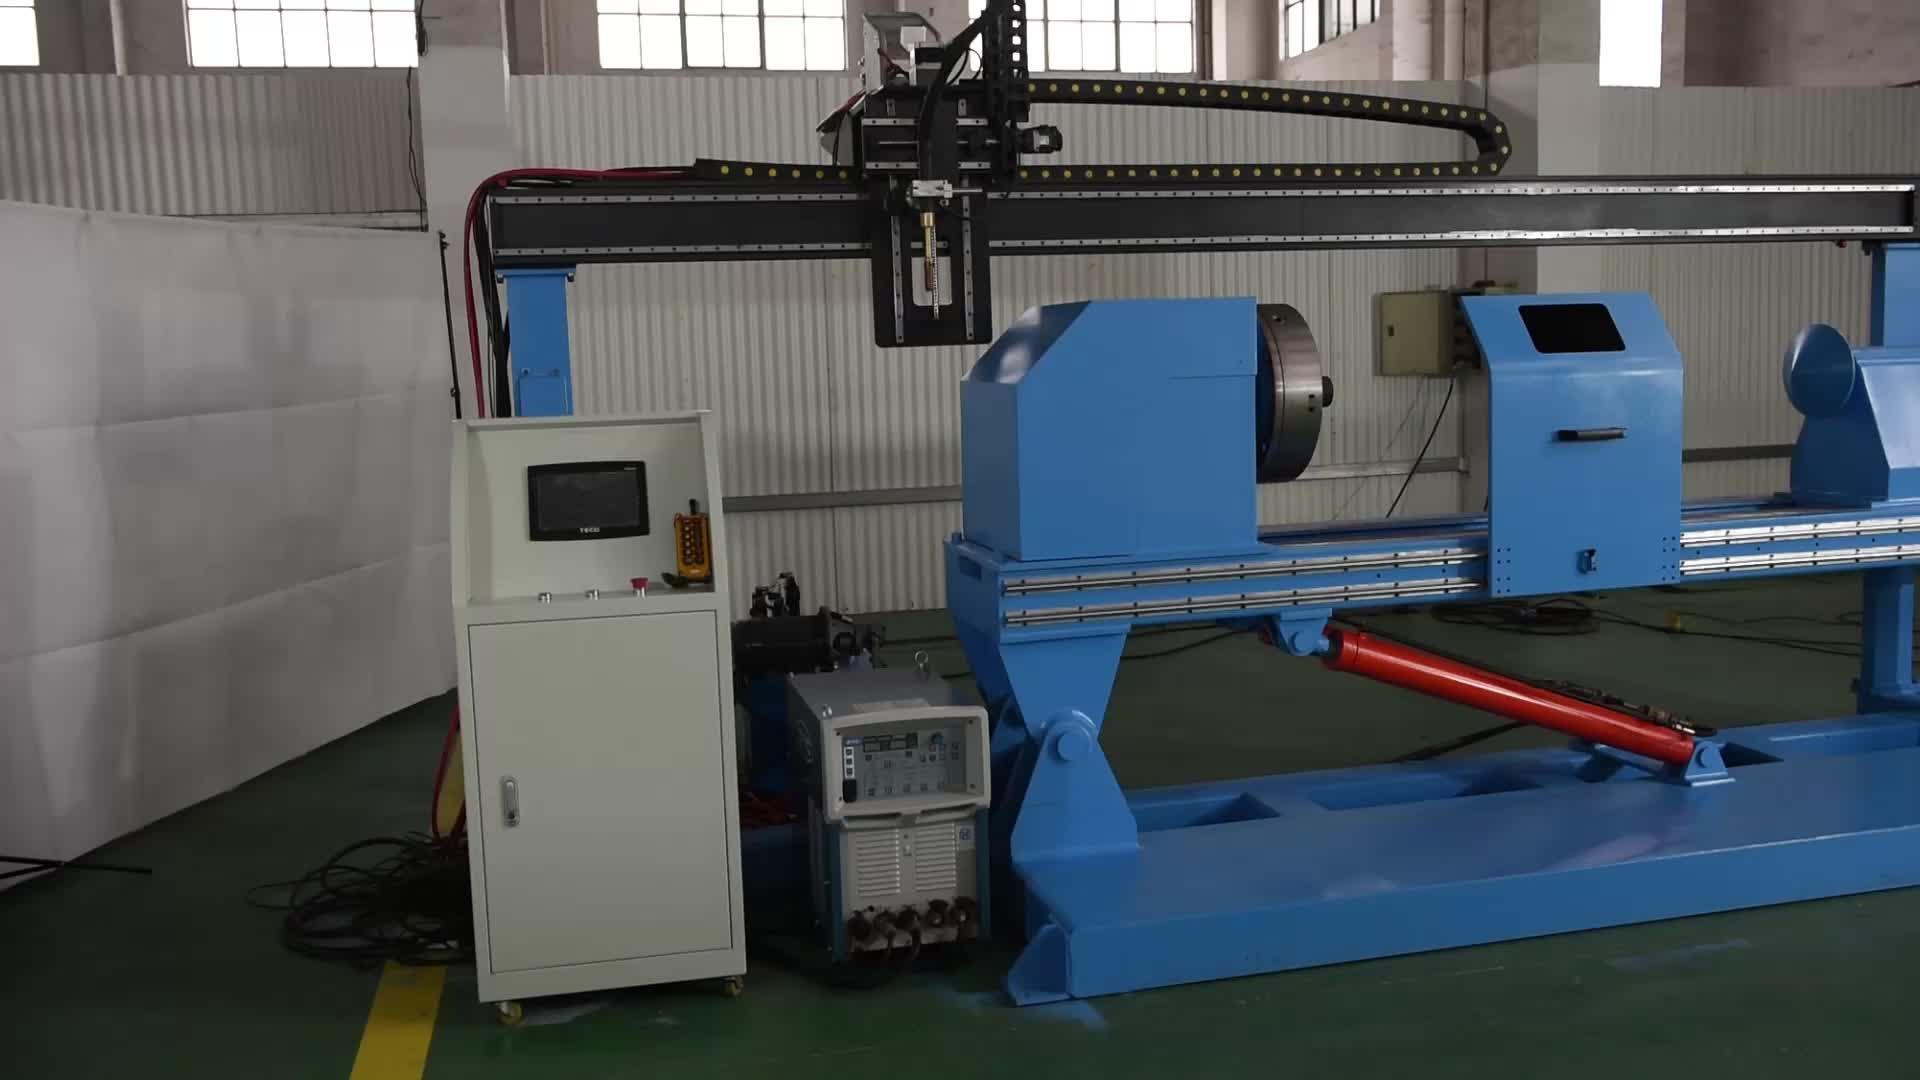 Özel makine için çevresi dikiş kaynak Harici silindir dikiş kaynak makinesi hidrolik silindir için